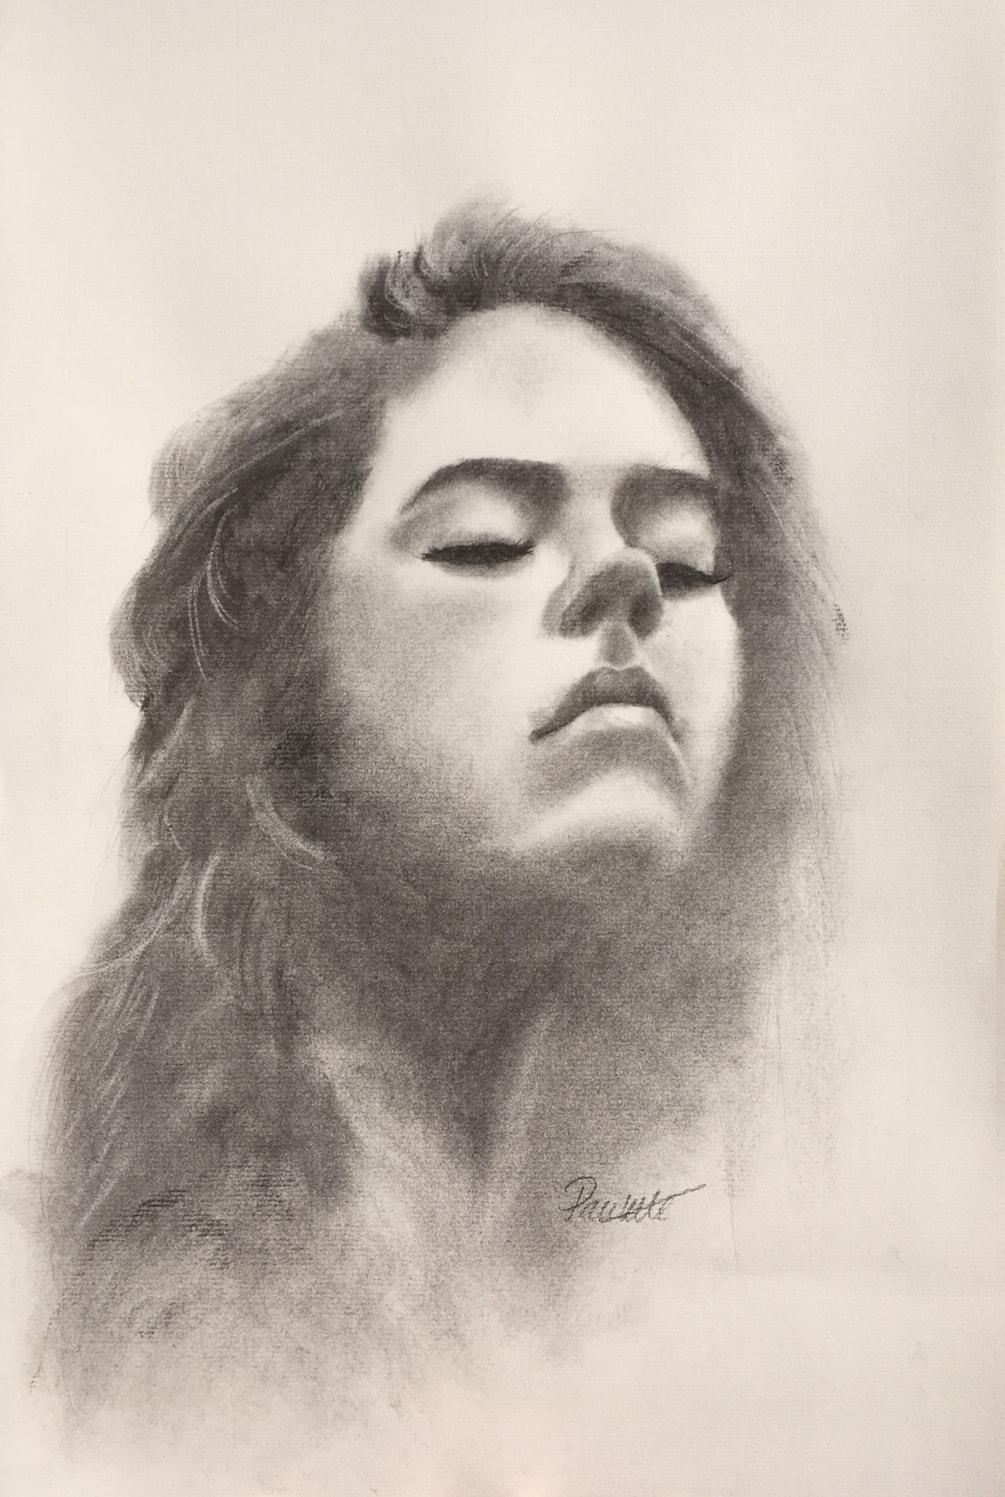 Portrait Practise #2